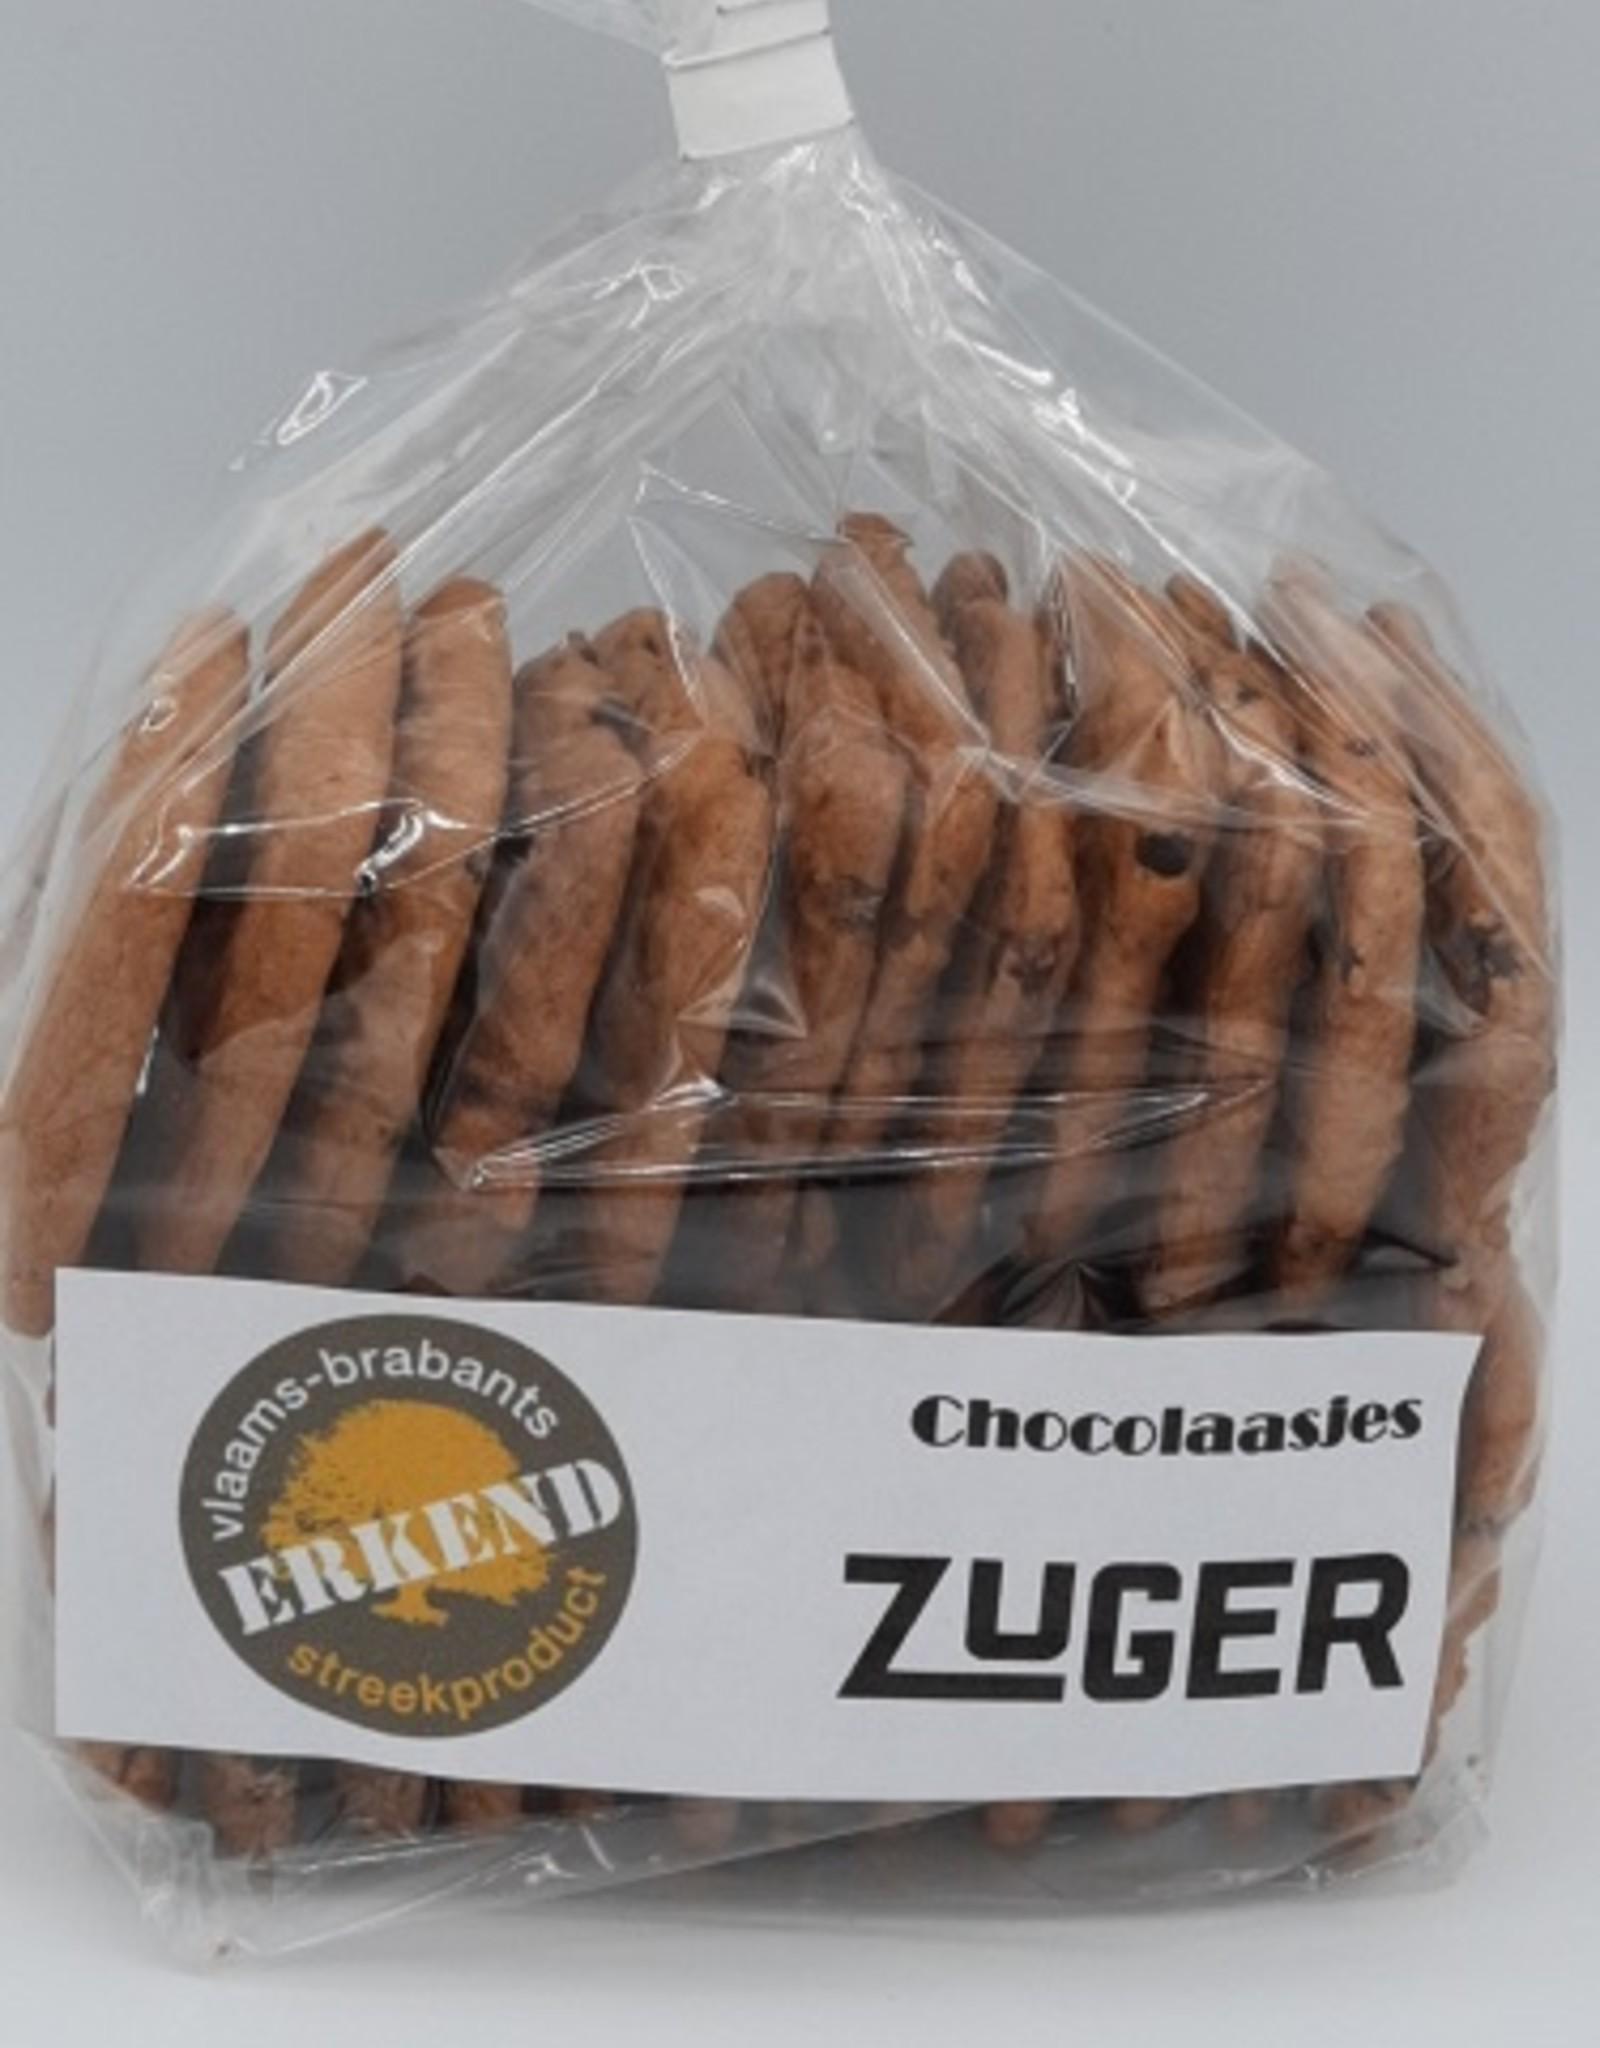 Zuger Chocolaasjes